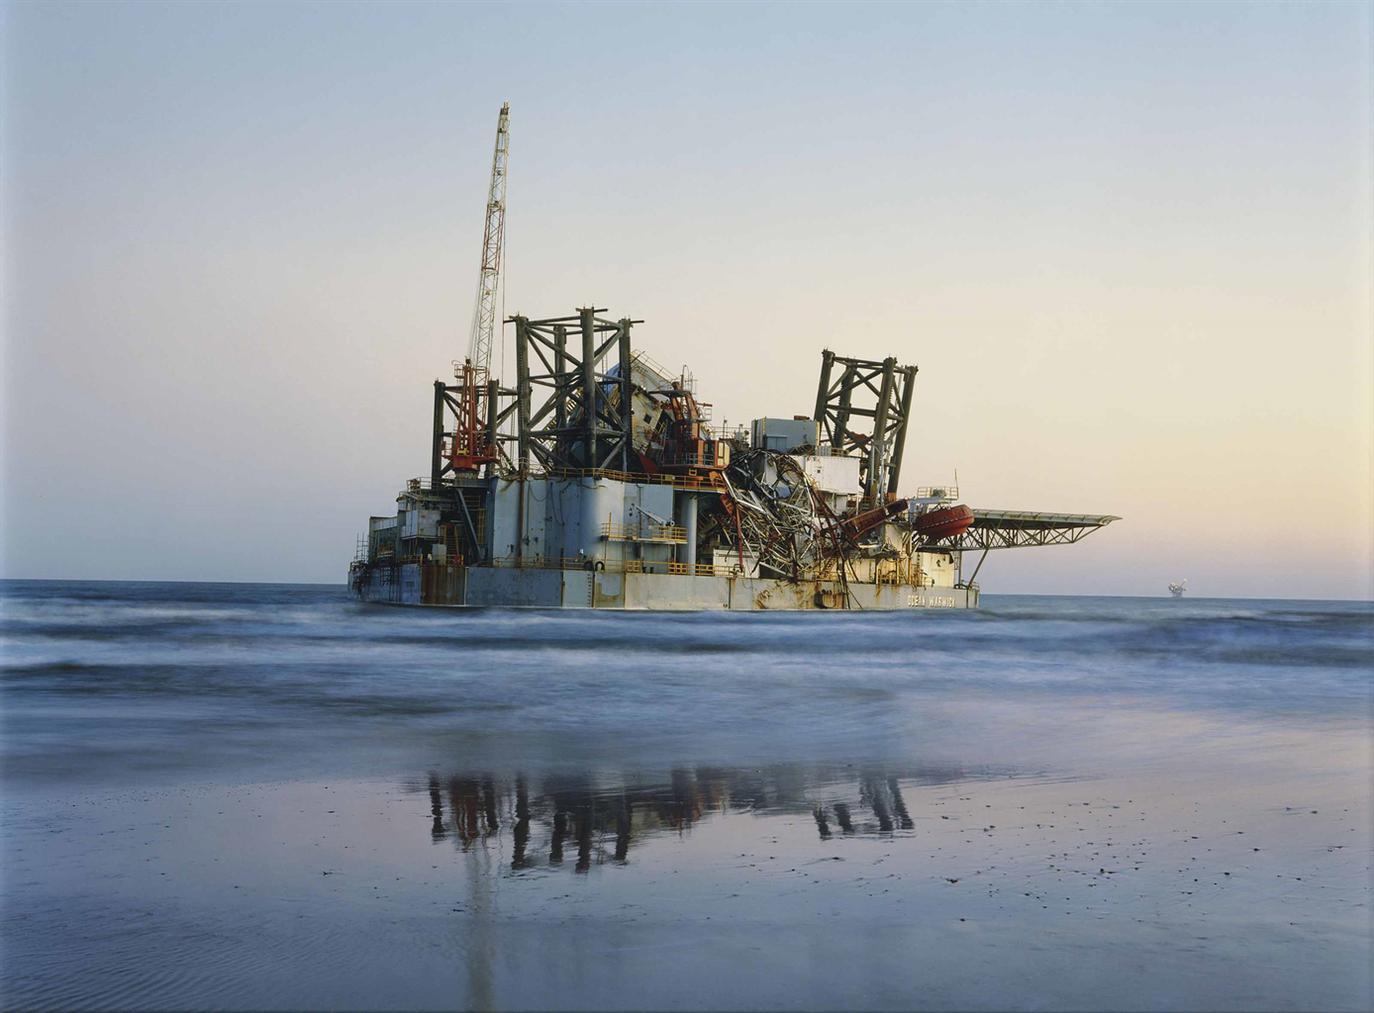 Mitch Epstein - Ocean Warwick Oil Platform, Dauphin Island, Alabama 2005-2005